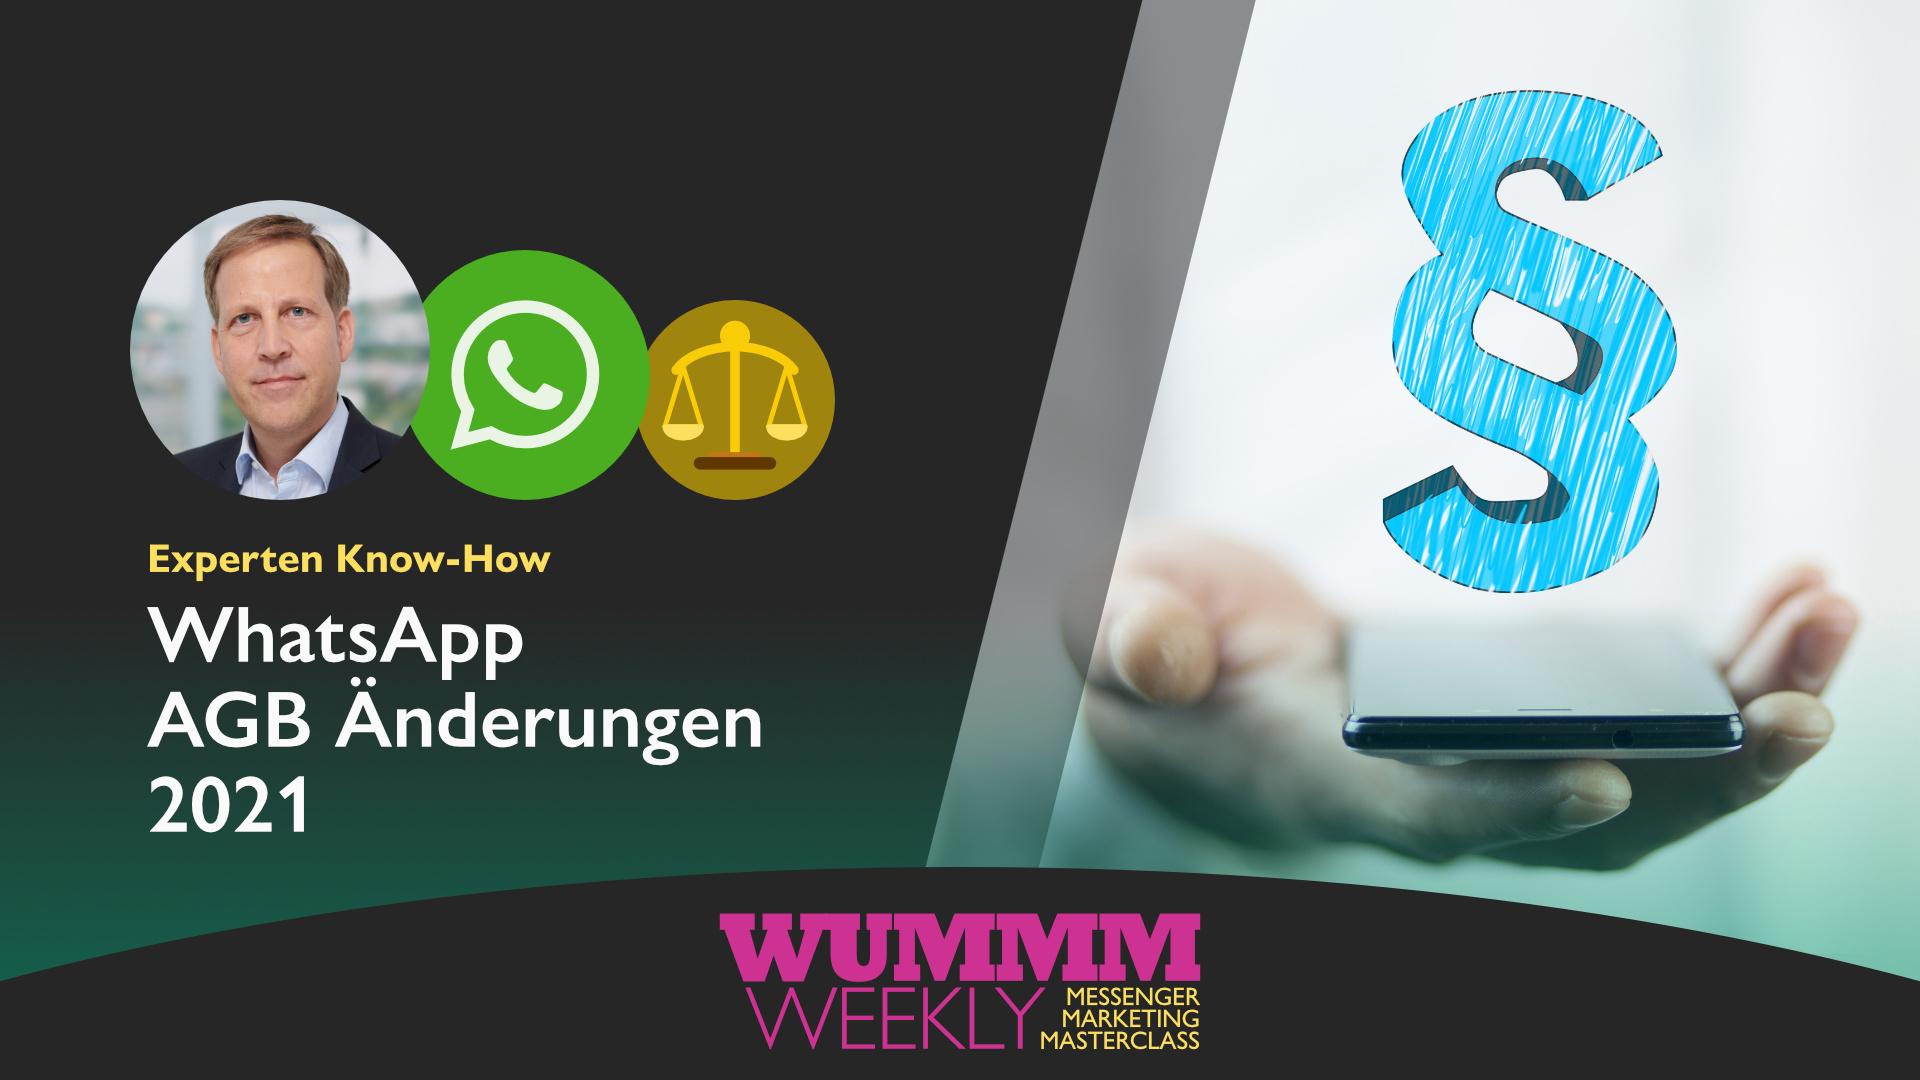 WhatsApp AGB Änderungen 2021